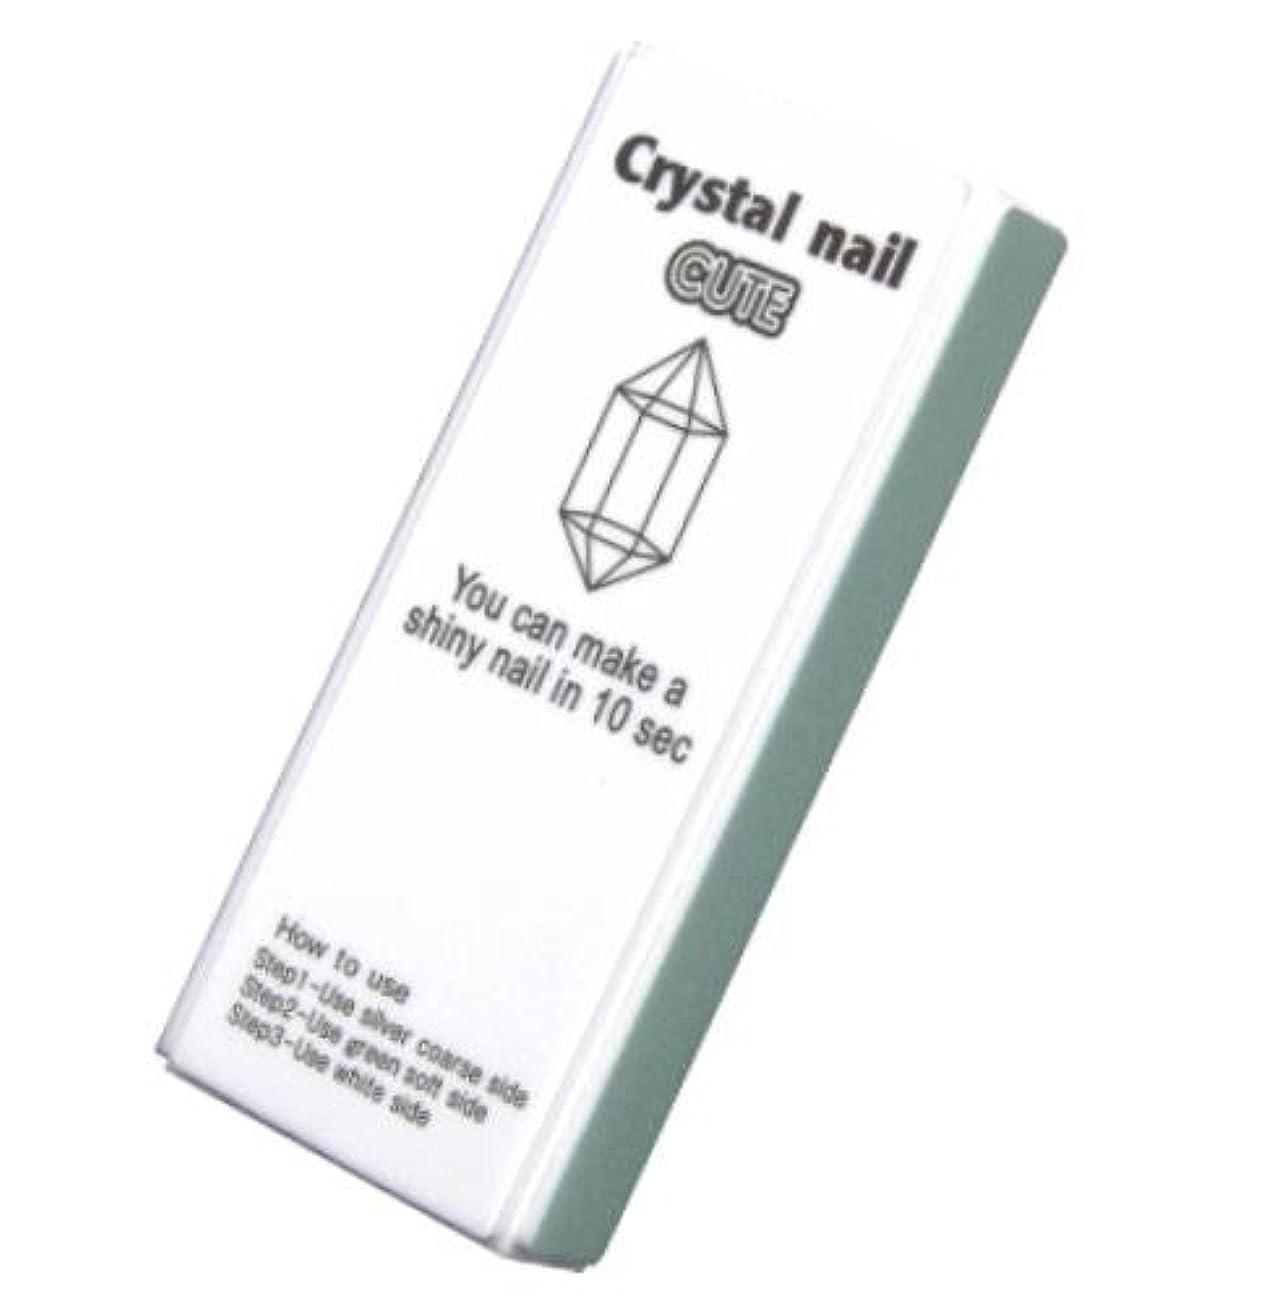 財布変化訴えるクリスタルネイル キュート(ケースなし)